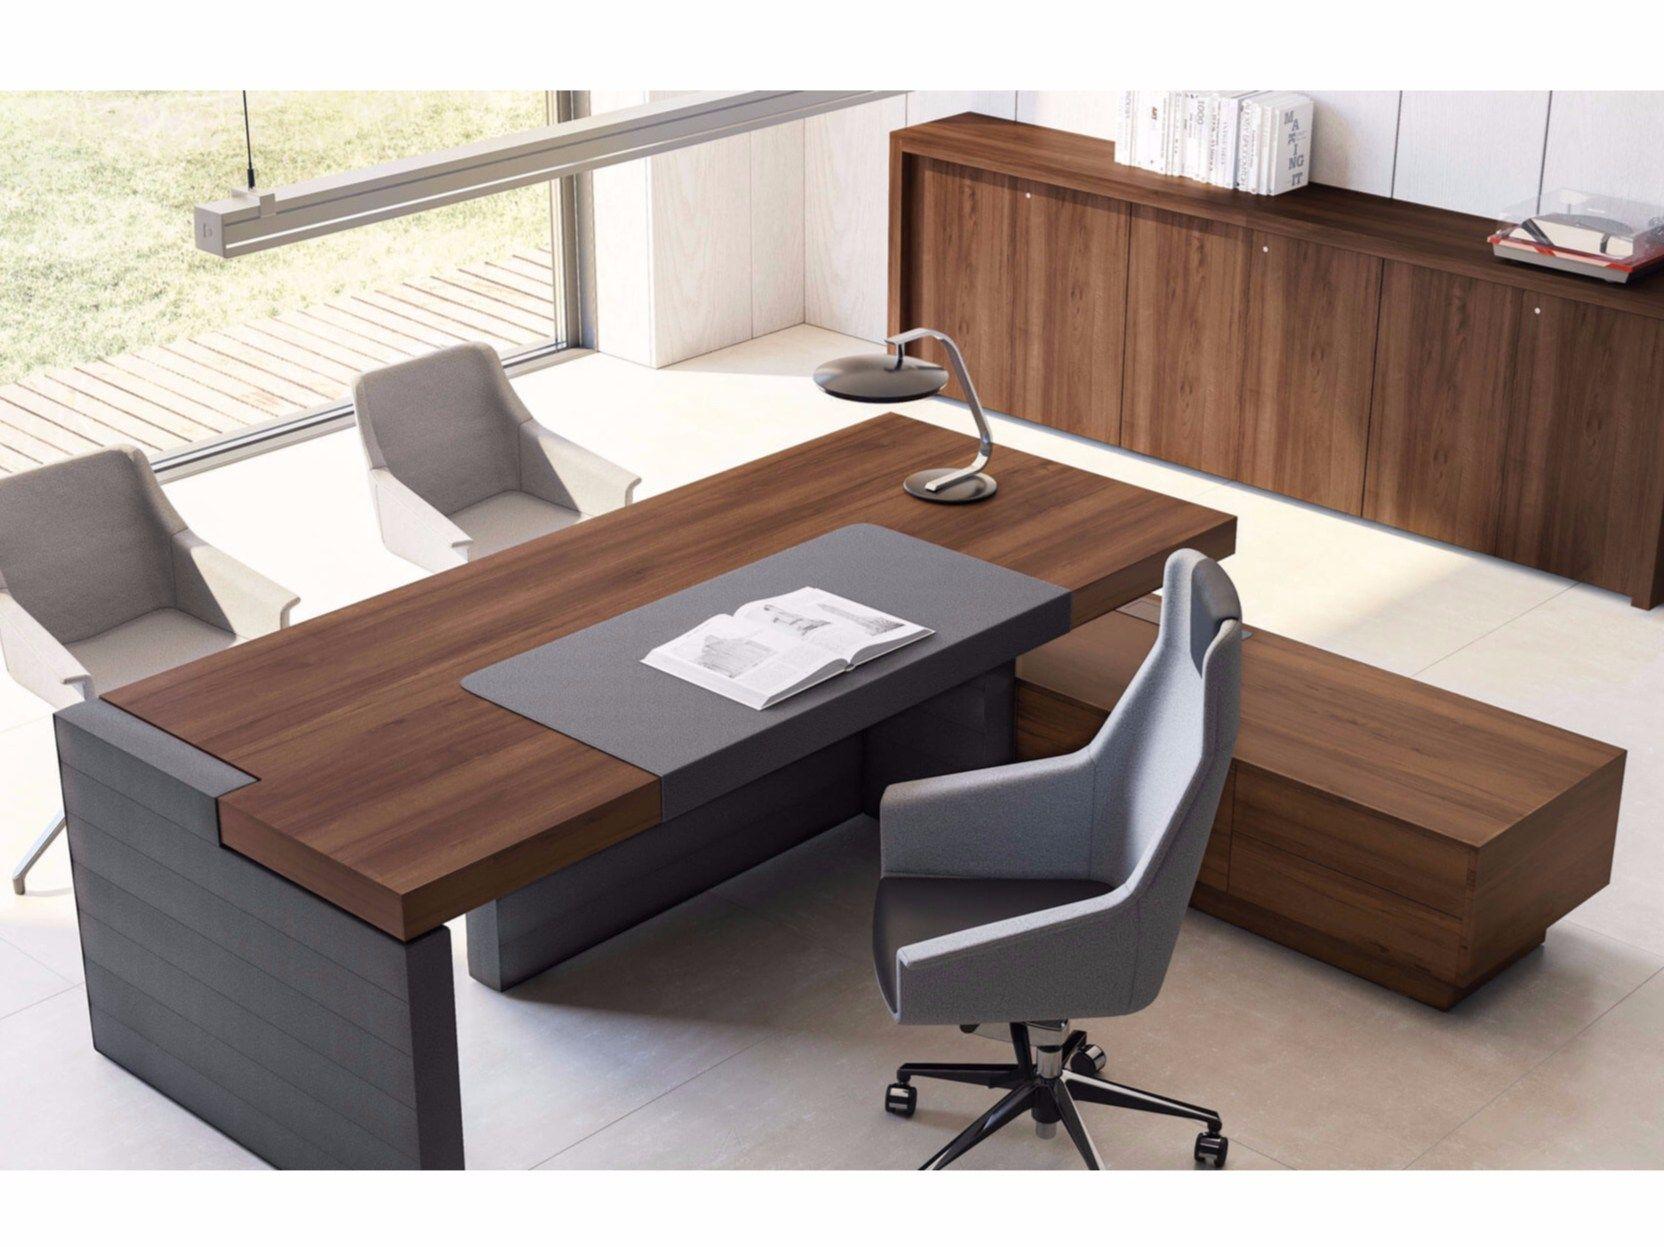 Jera escritorio de oficina con estantes by las mobili - Escritorios de oficina ...